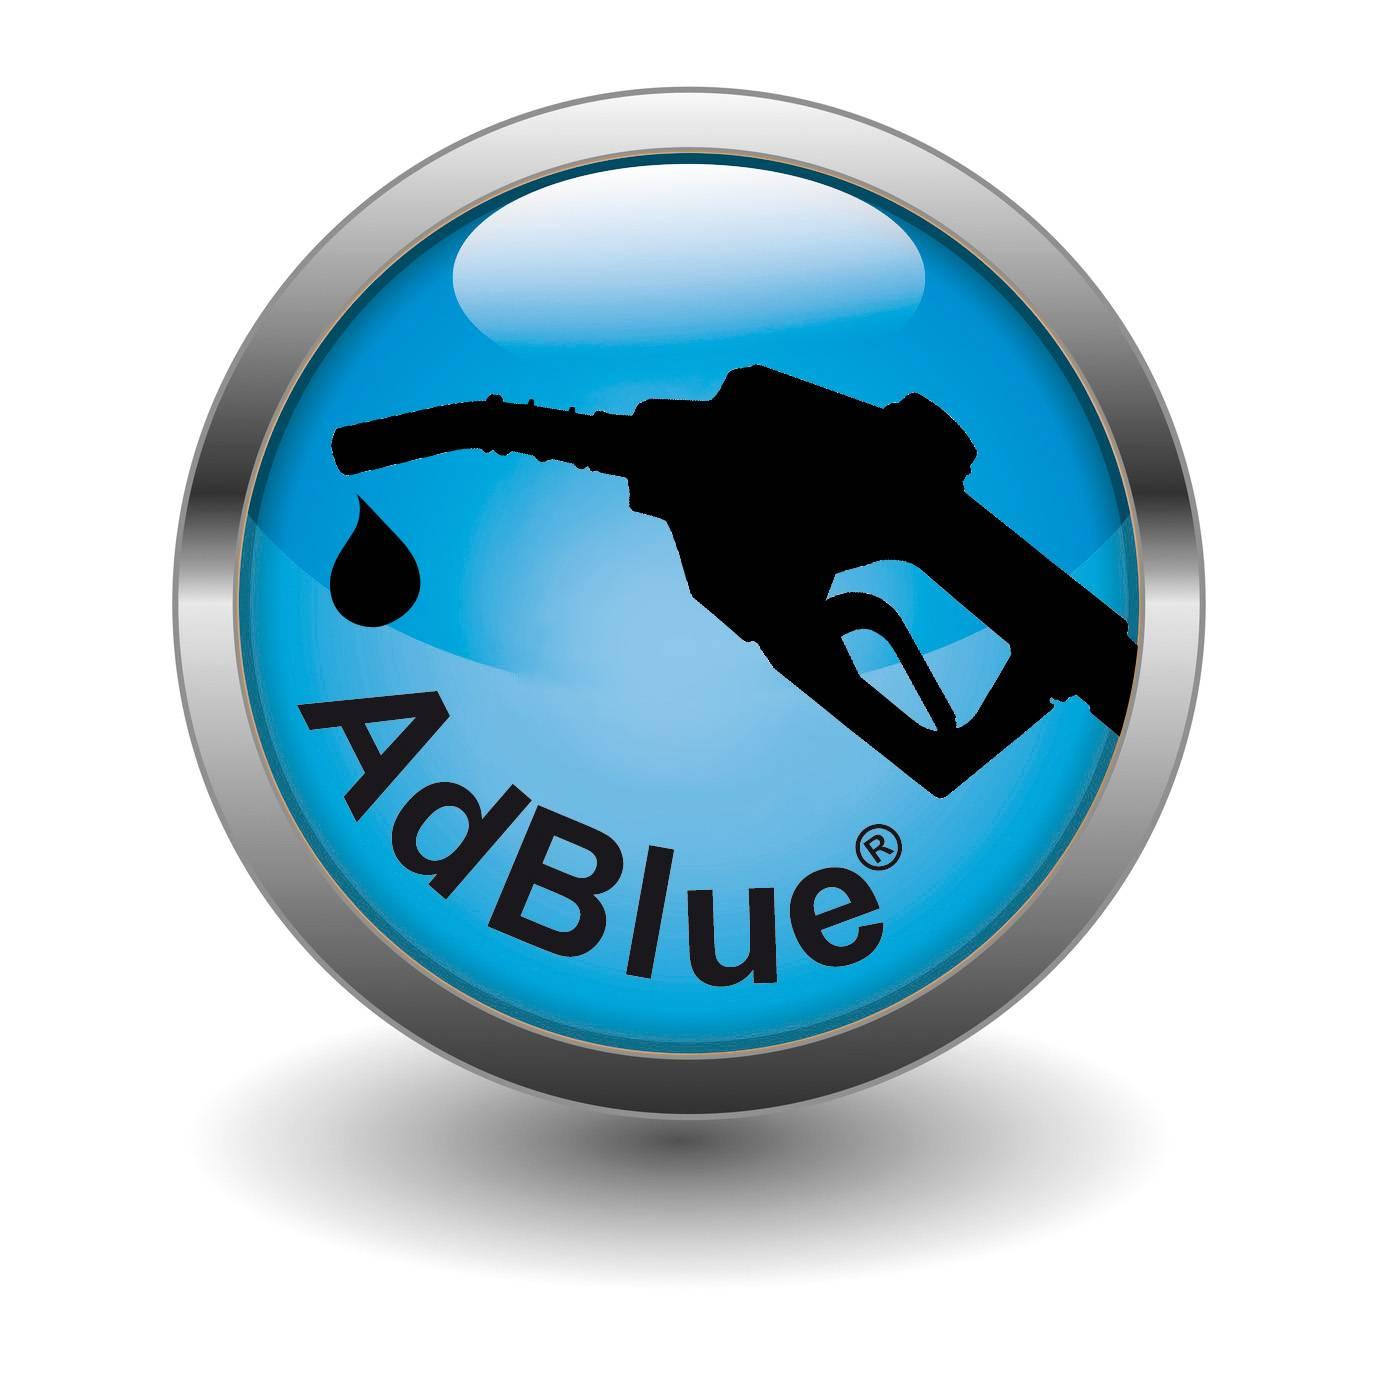 Adblue Volkswagen